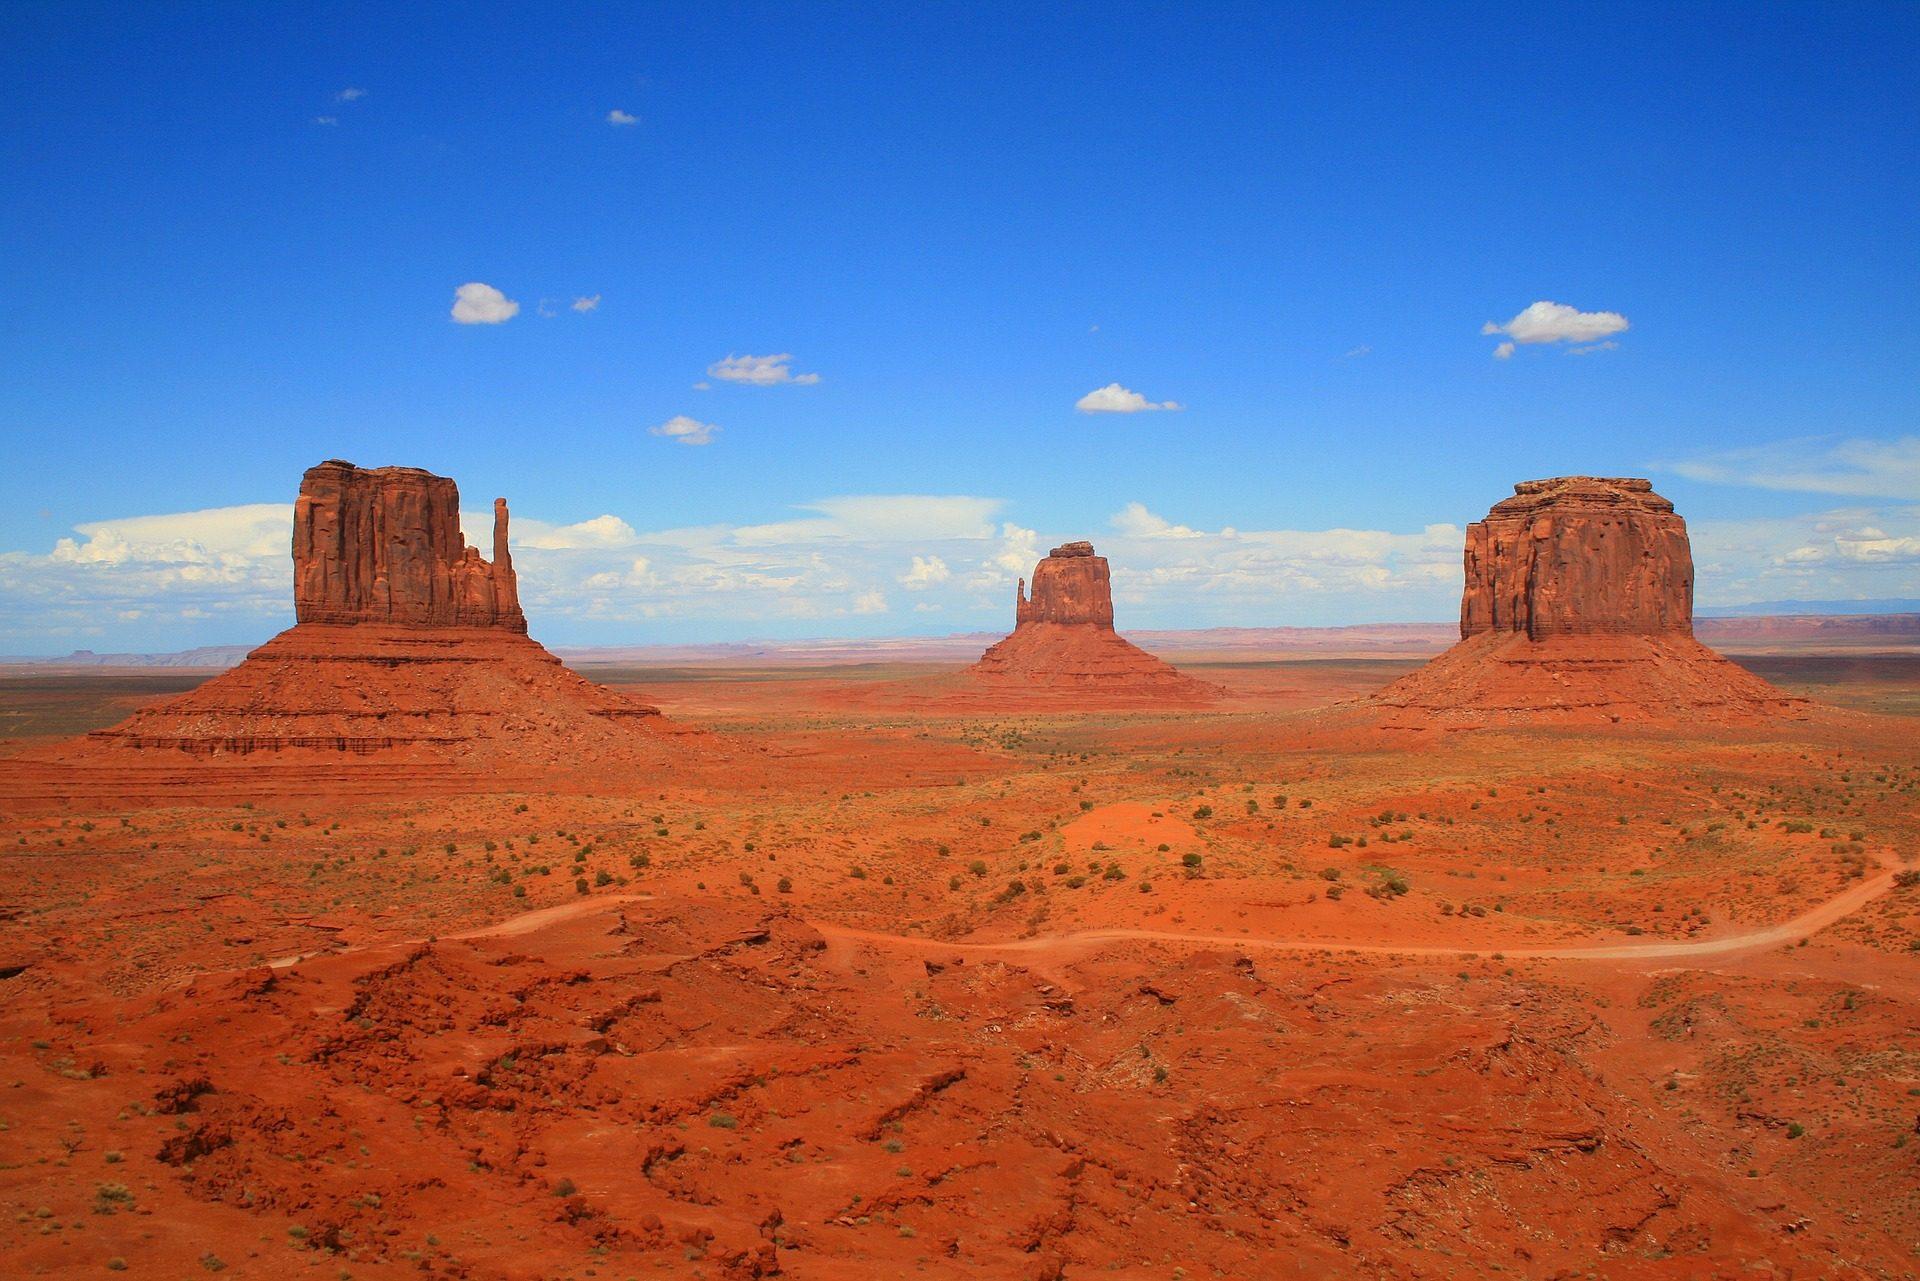 وادي النصب التذكاري, صحراء, أريزونا, بارك, الصخور, الرمال - خلفيات عالية الدقة - أستاذ falken.com